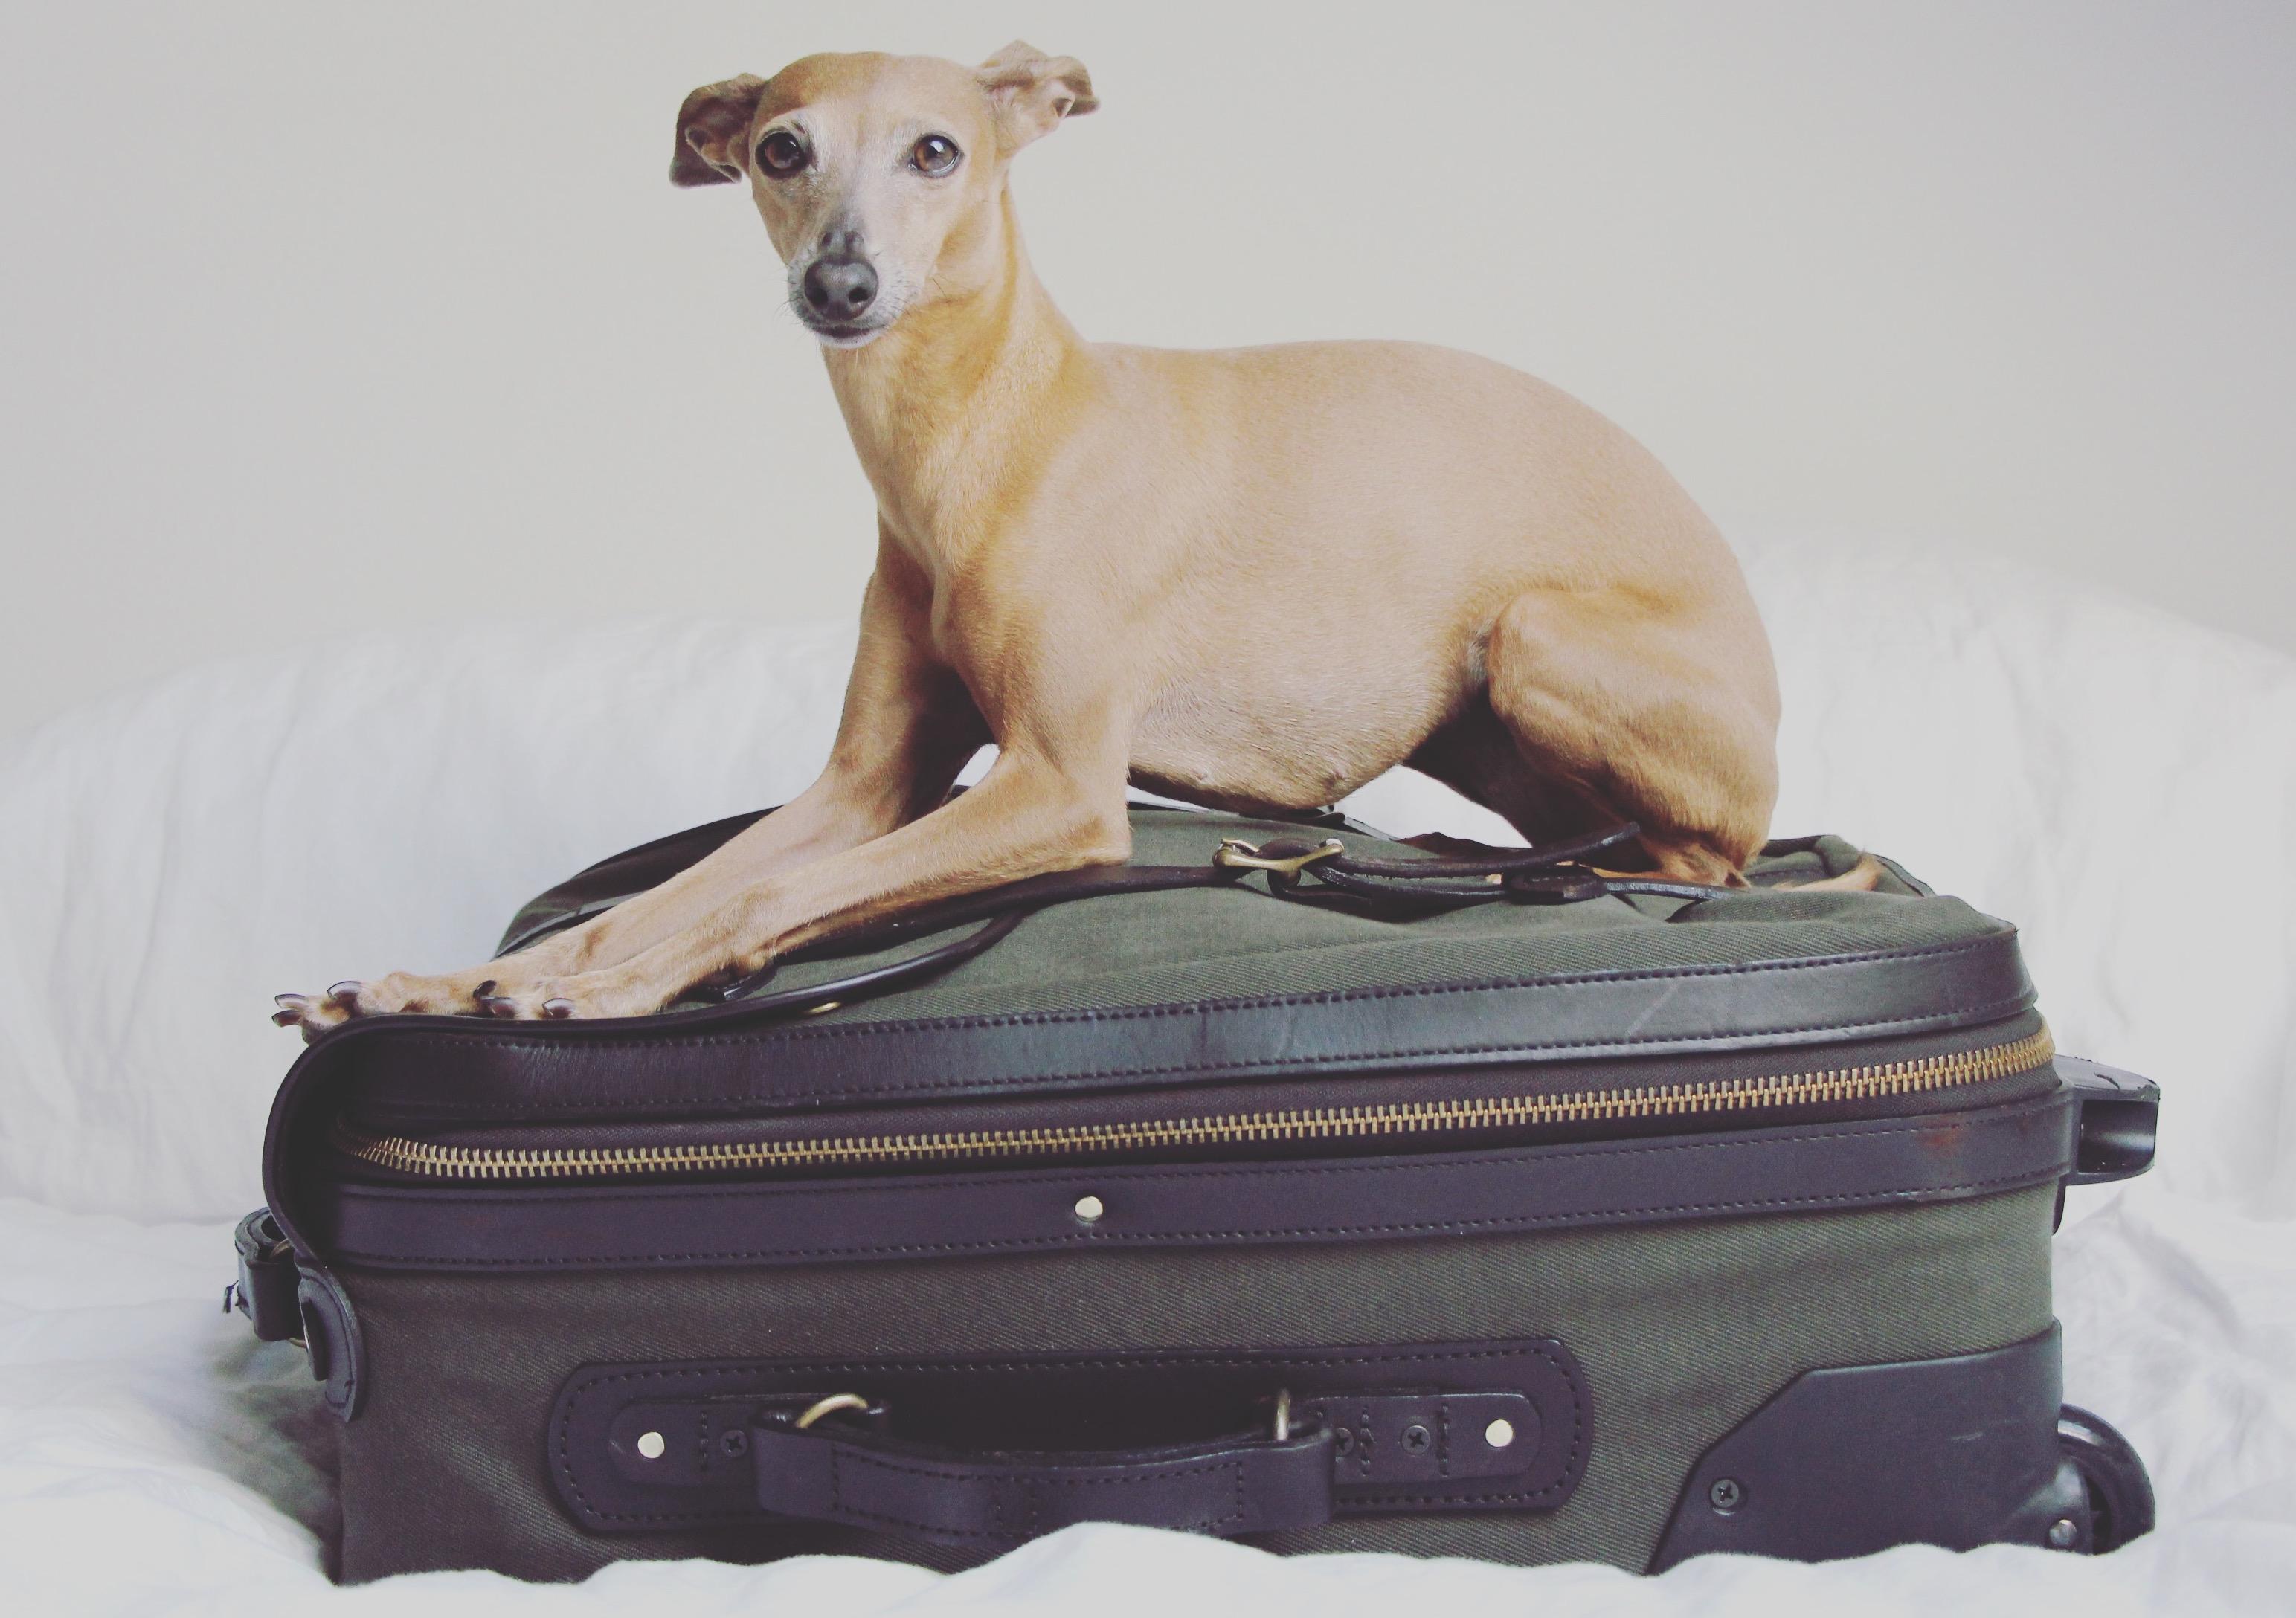 Packlisten für Hunde im Urlaub